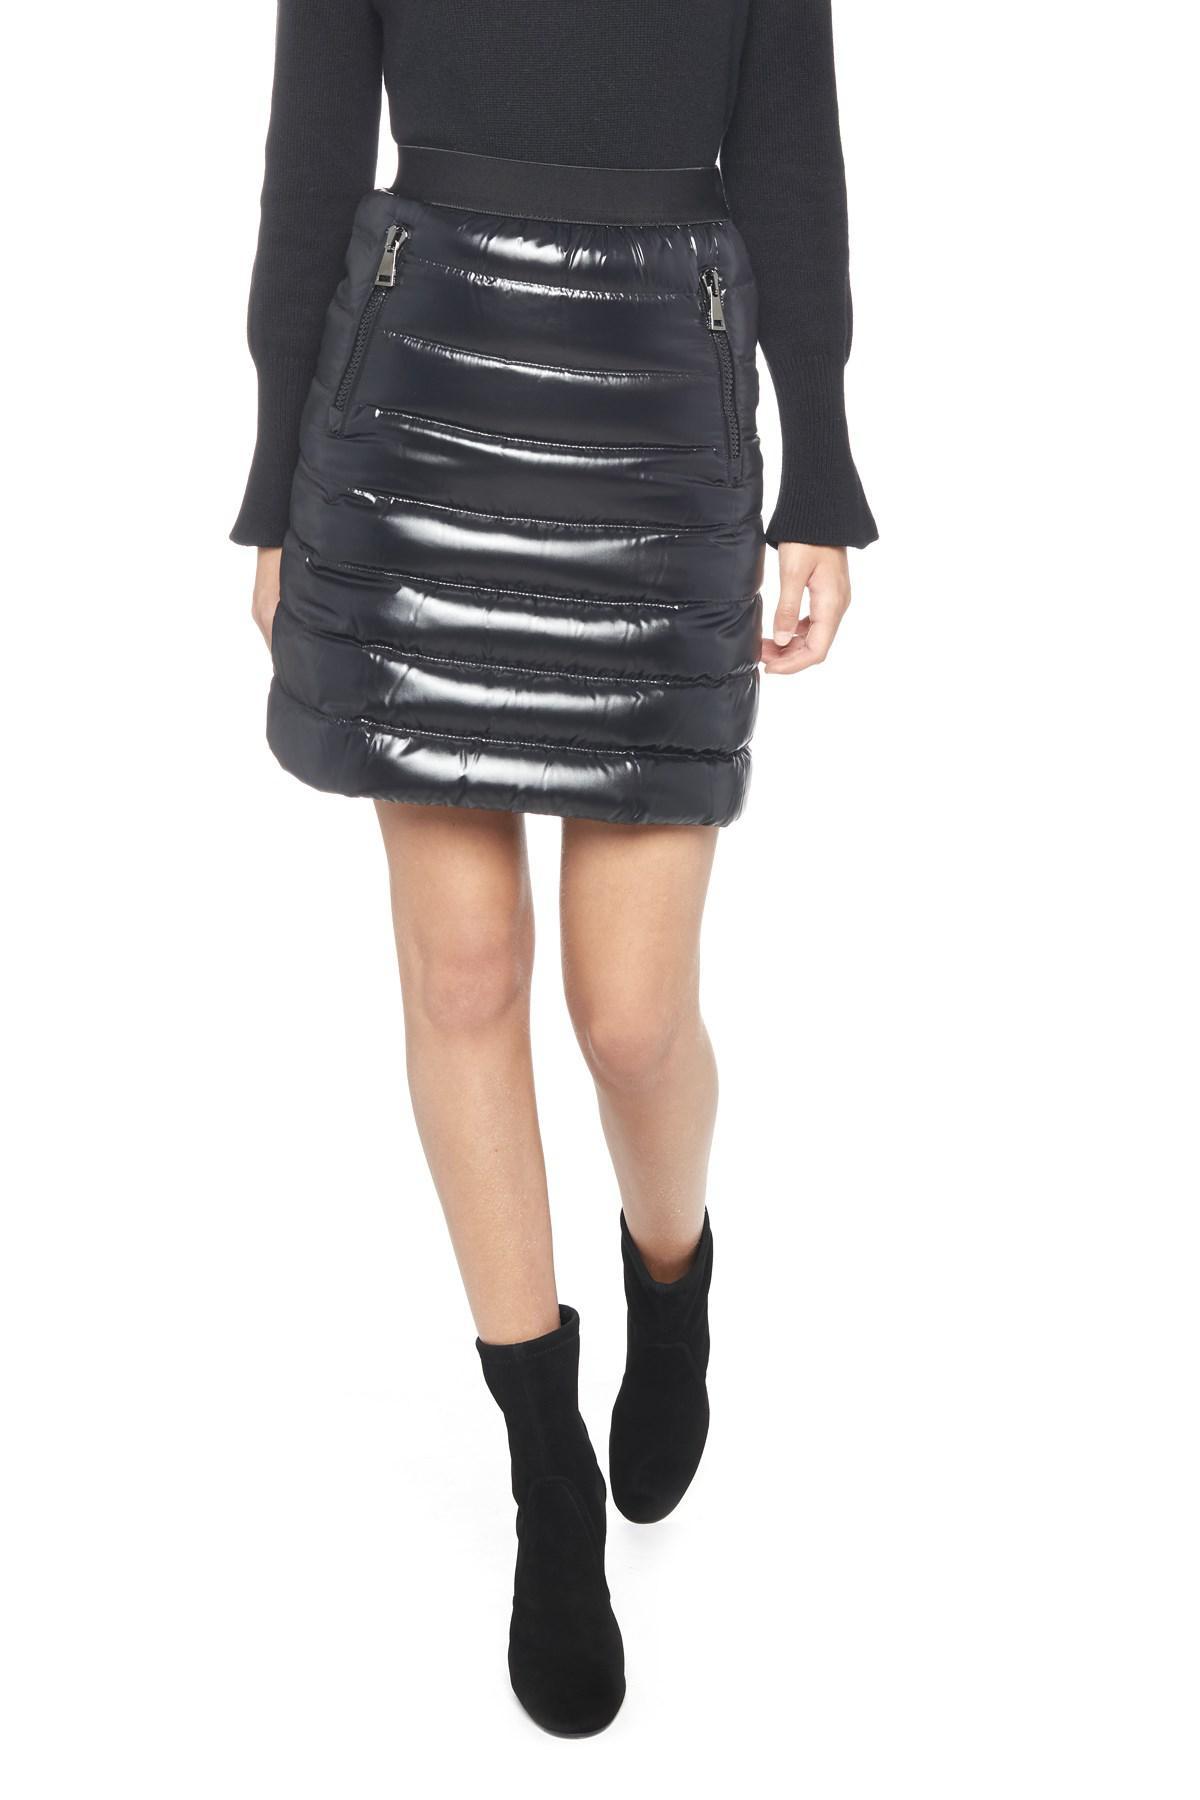 moncler black skirt